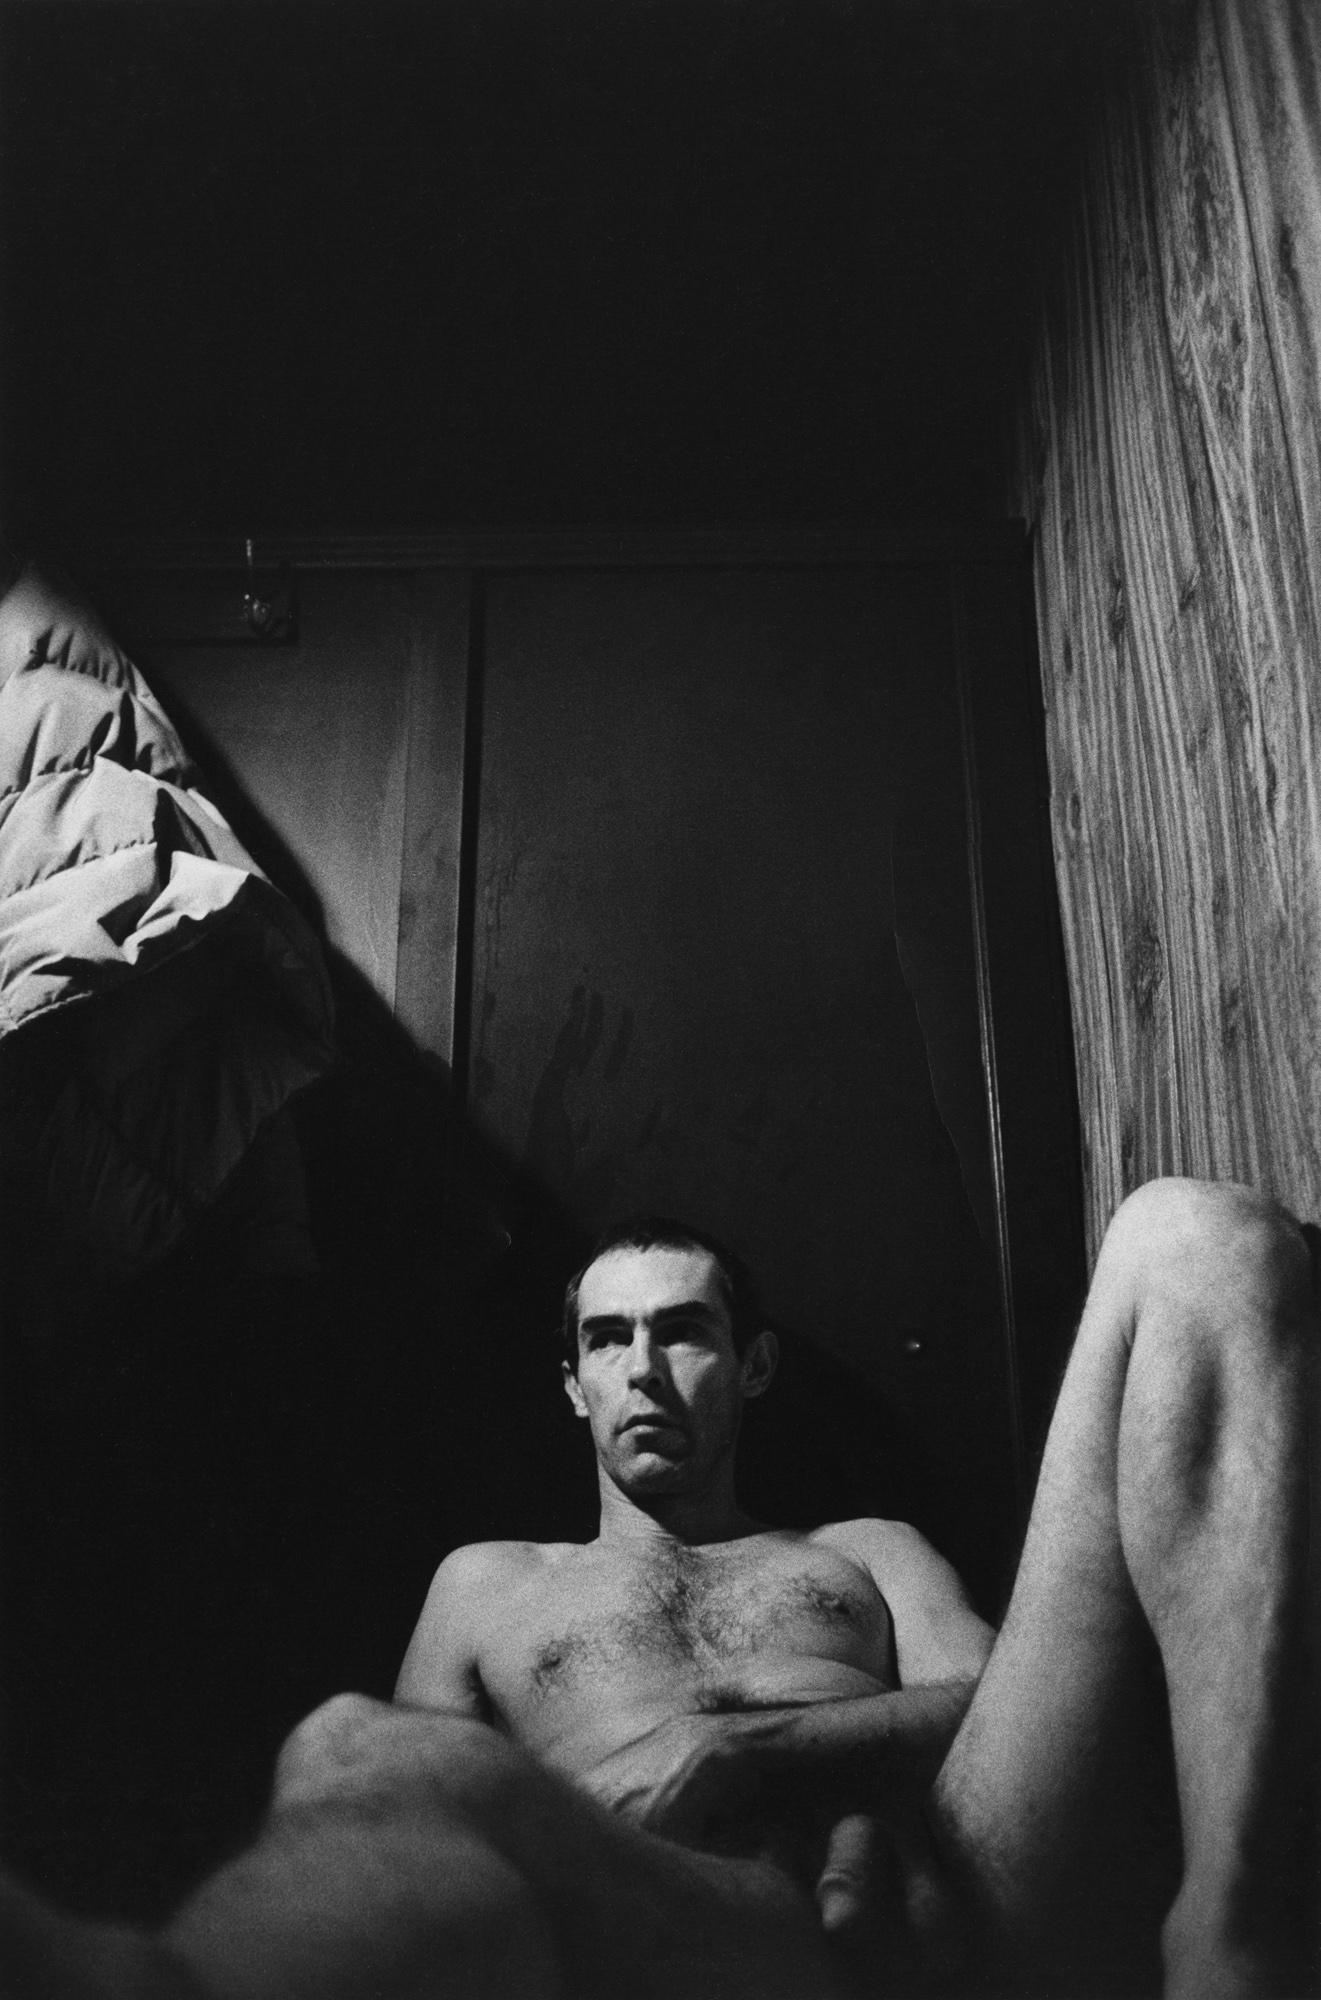 Fotó: Peter Hujar: Self-Portrait in the Baths, 1975  © Peter Hujar Archive / Fraenkel Gallery